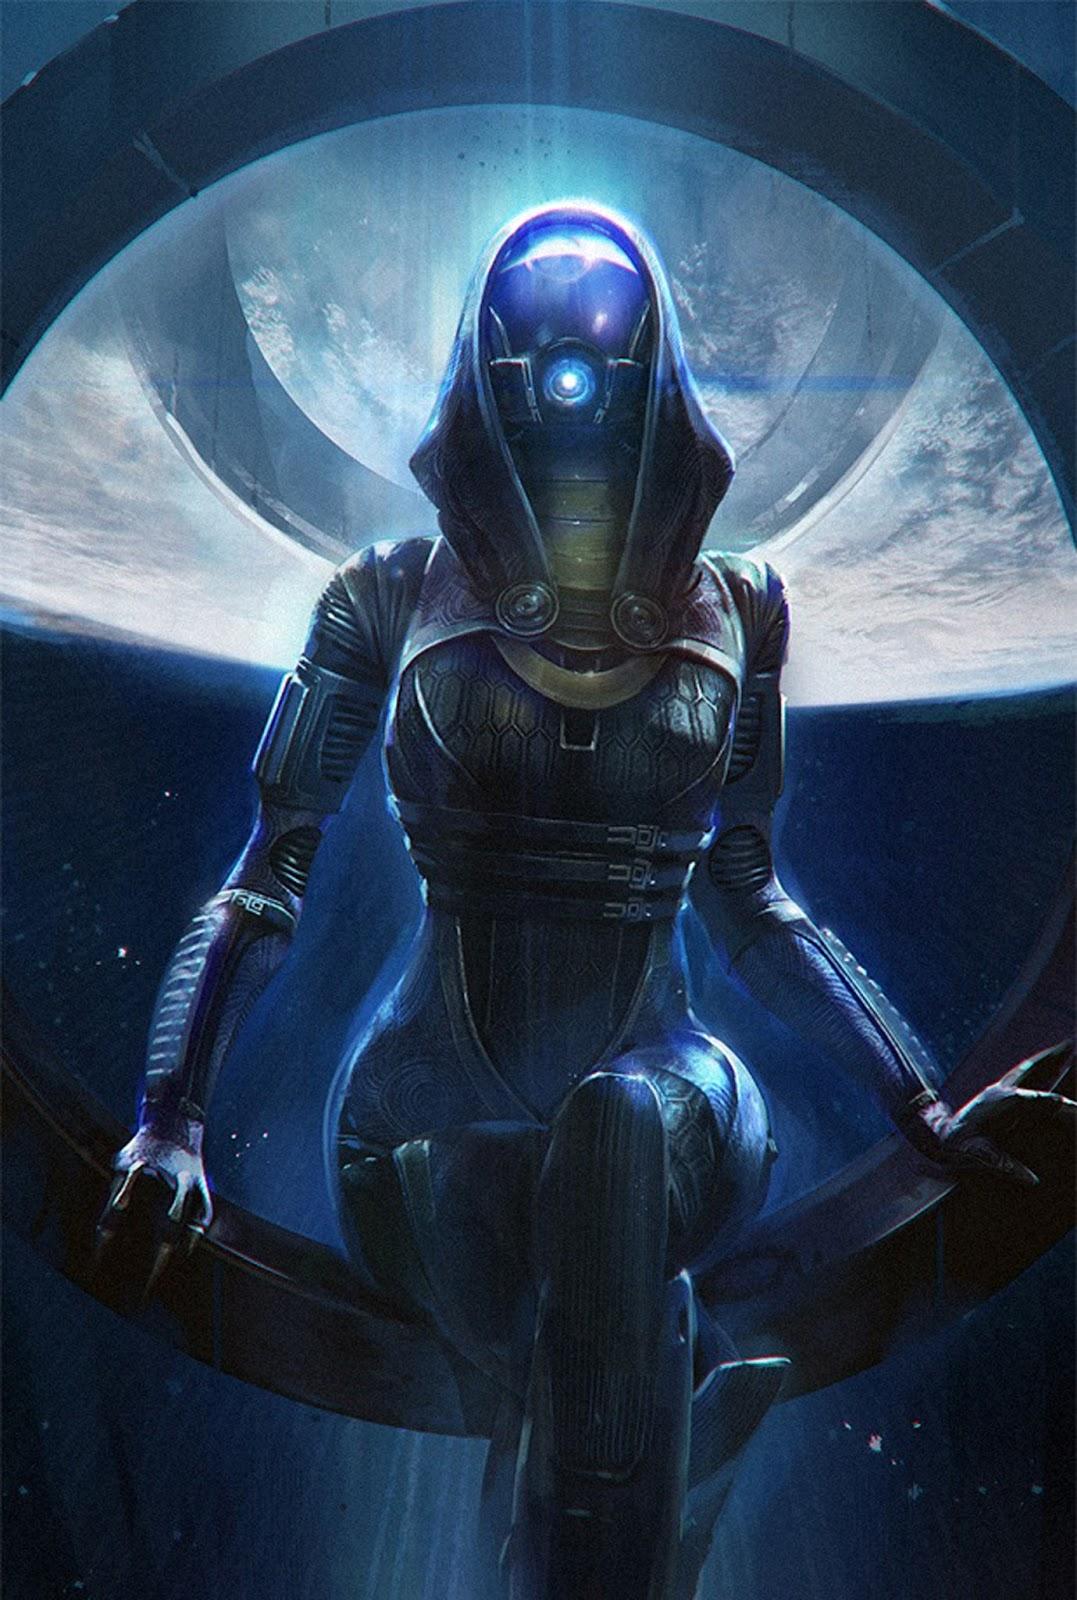 Rants From A Fangirl Mass Effect 2 Part Iii-8575